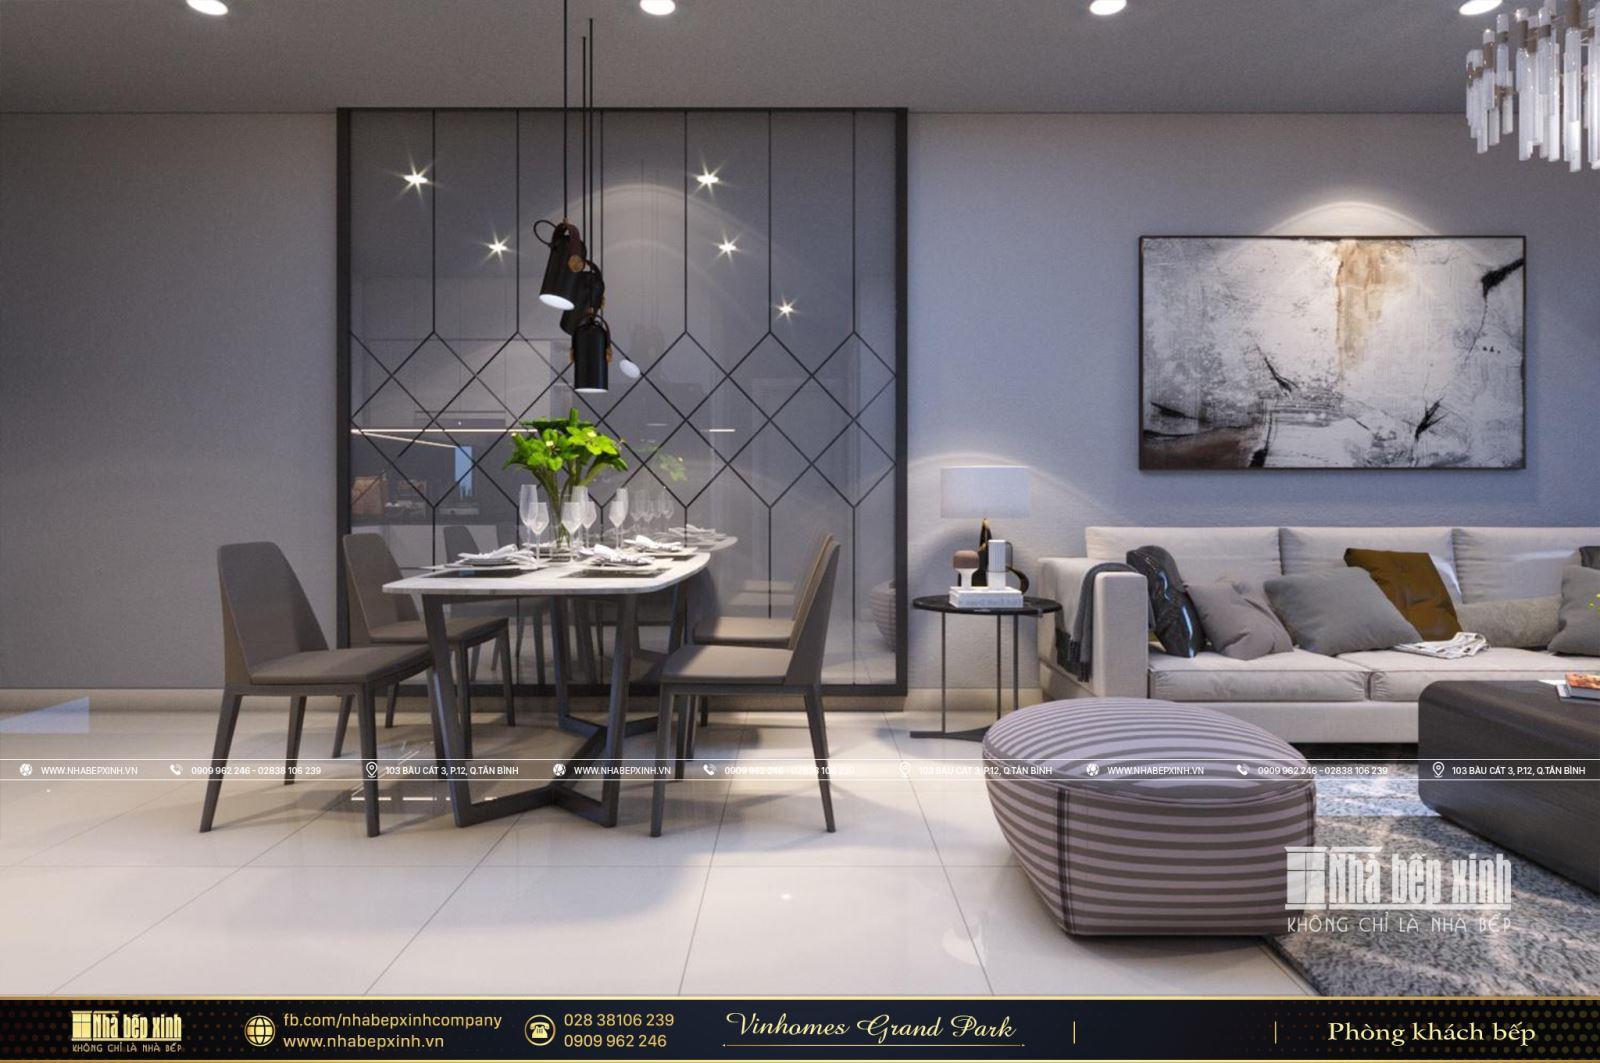 Nội thất căn hộ Vinhomes Grand Park The Origami 66m2 - 2 phòng ngủ